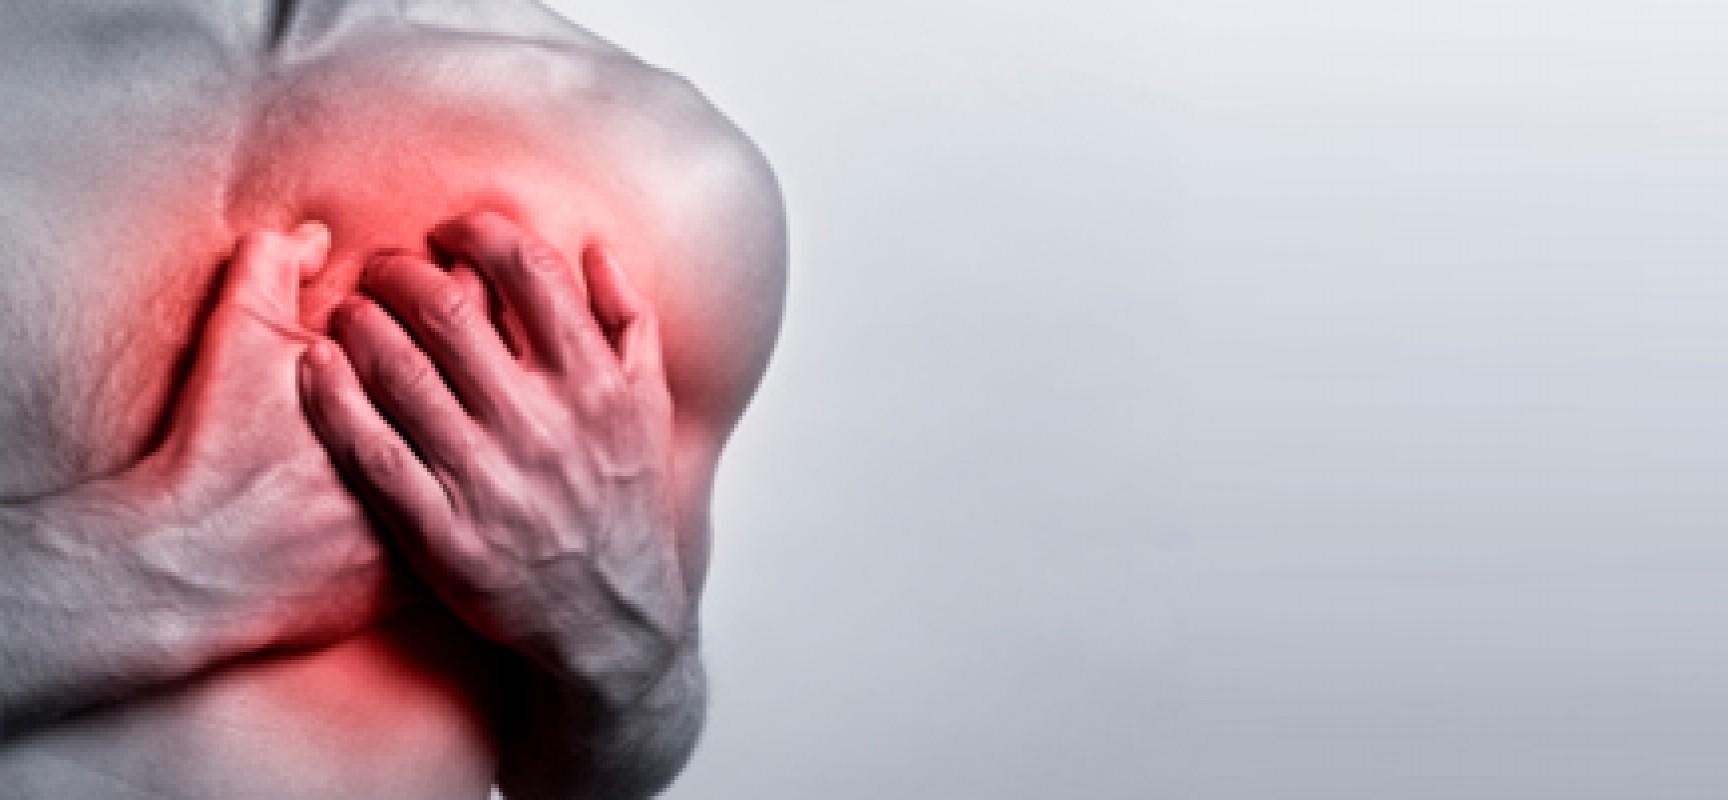 Hallan 10 nuevas características genéticas asociadas al infarto de miocardio